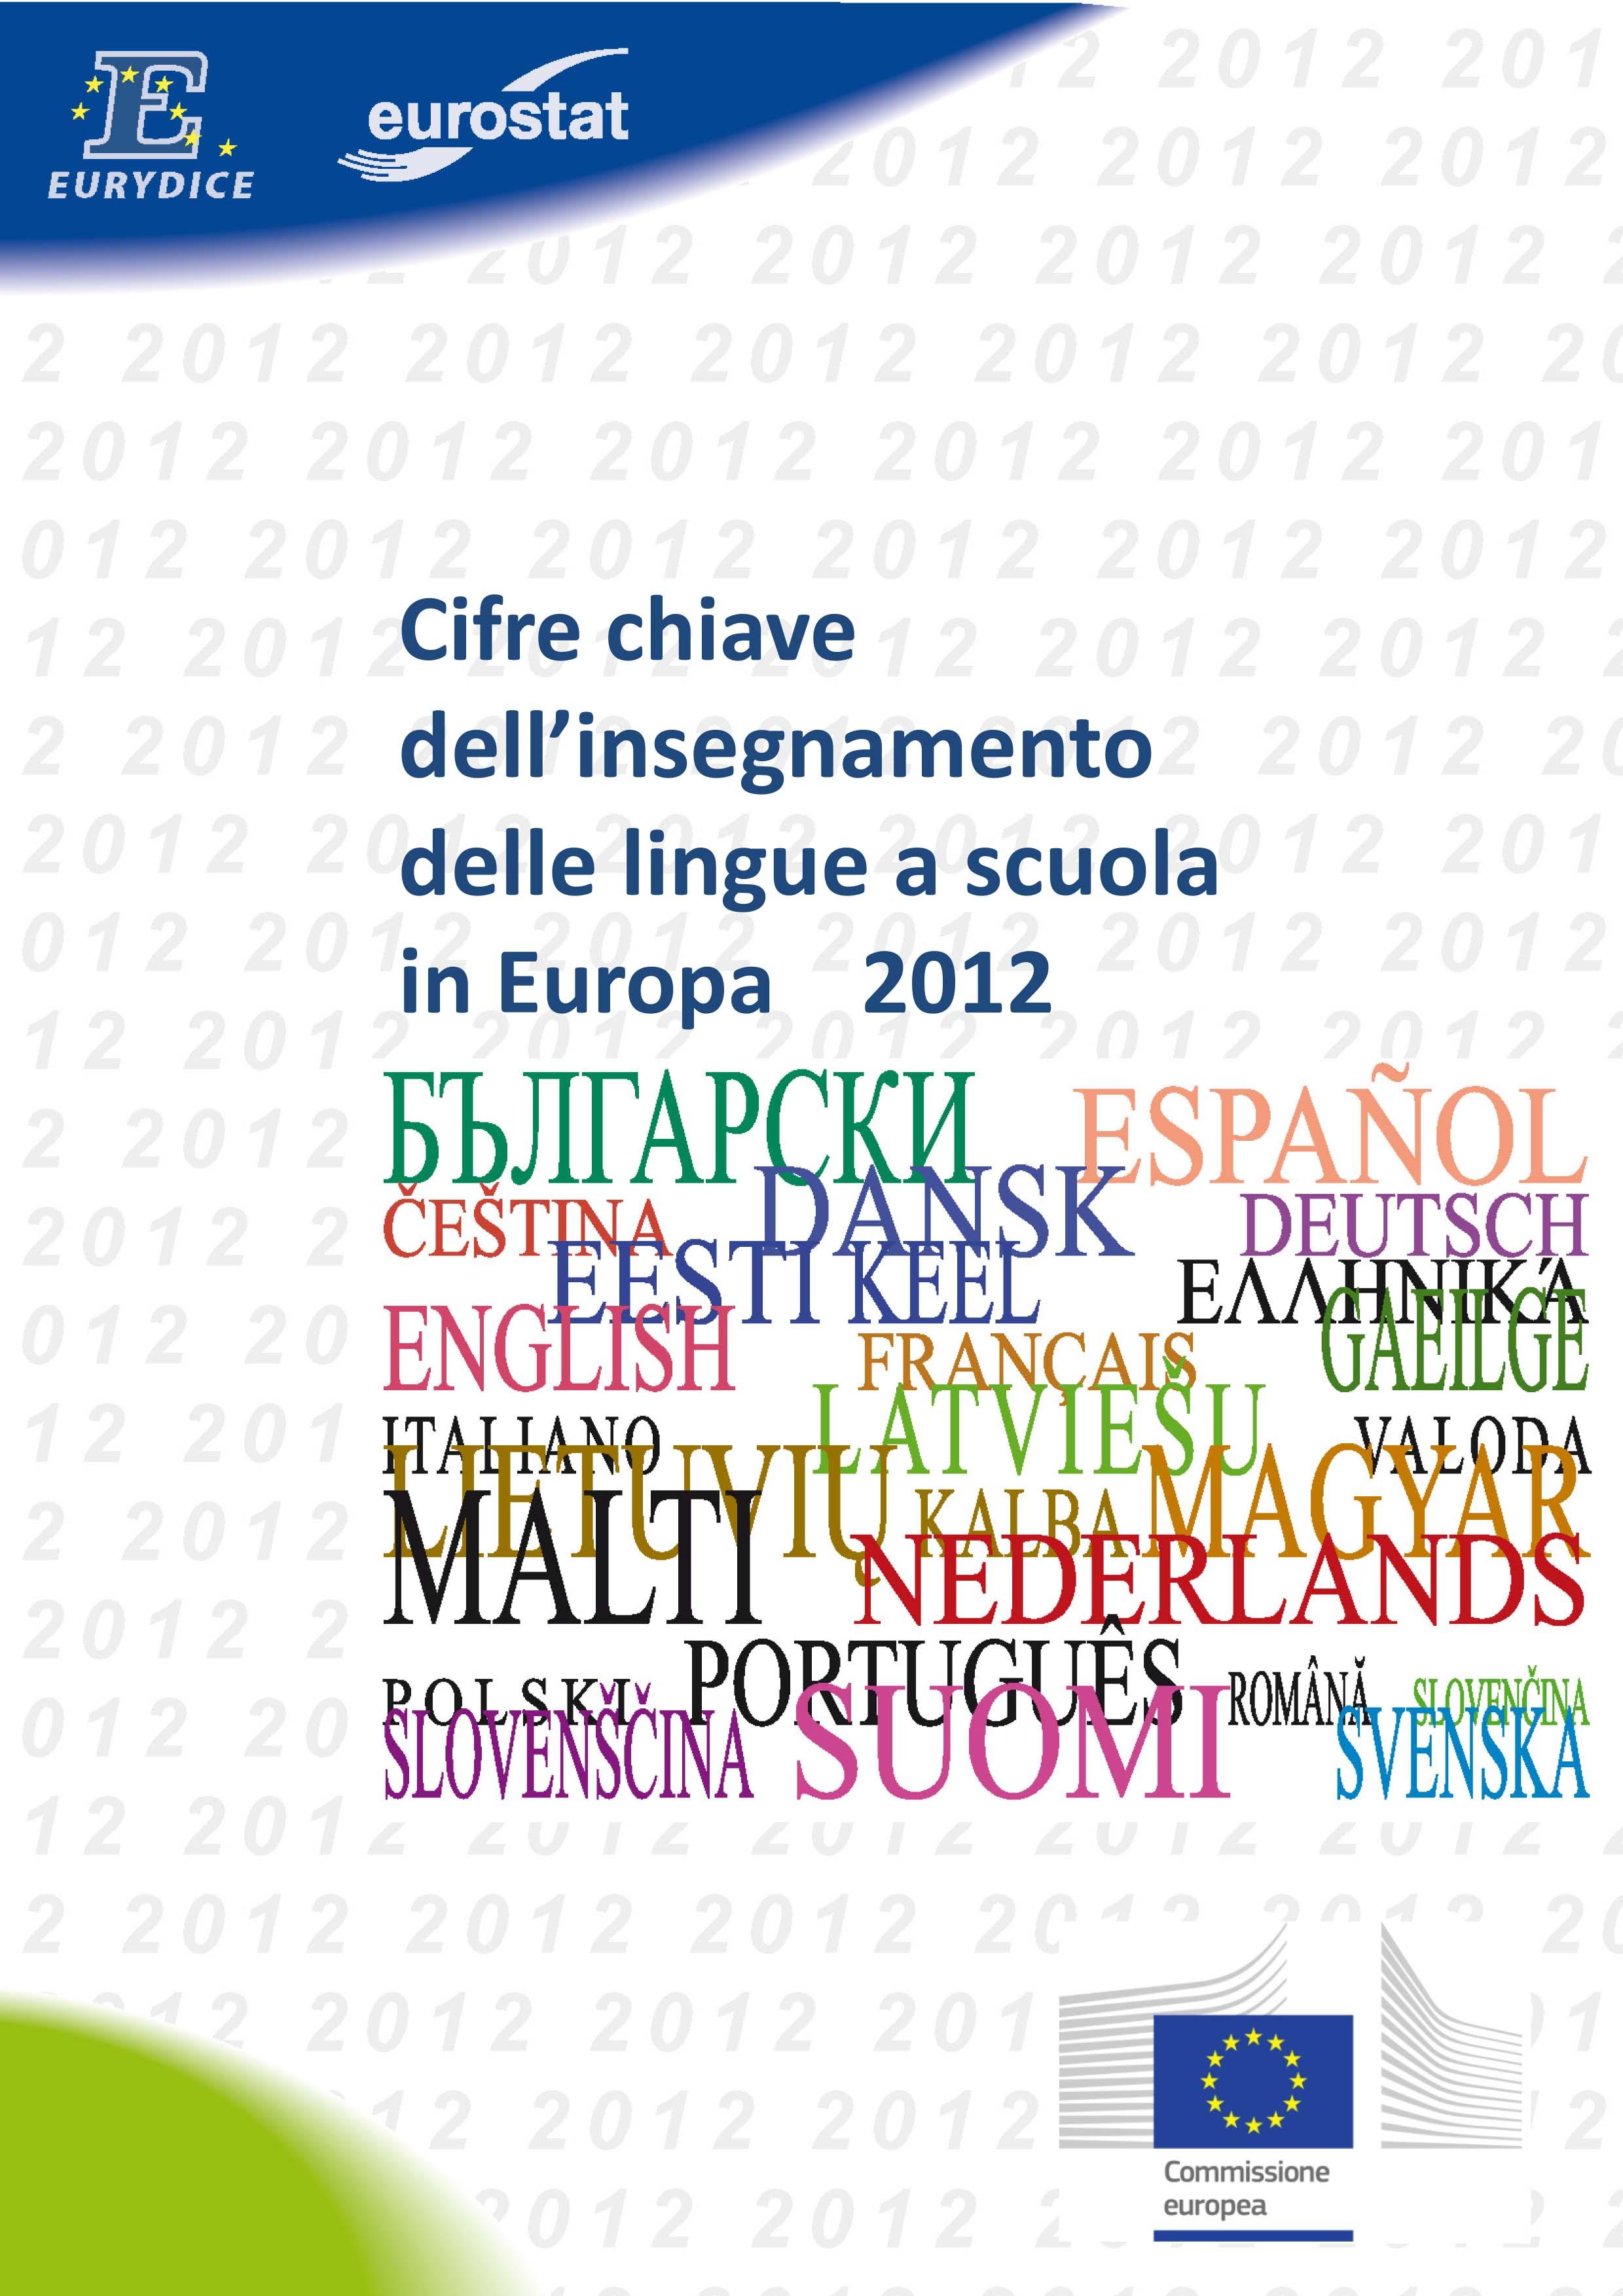 Cifre chiave dell'insegnamento delle lingue a scuola in Europa